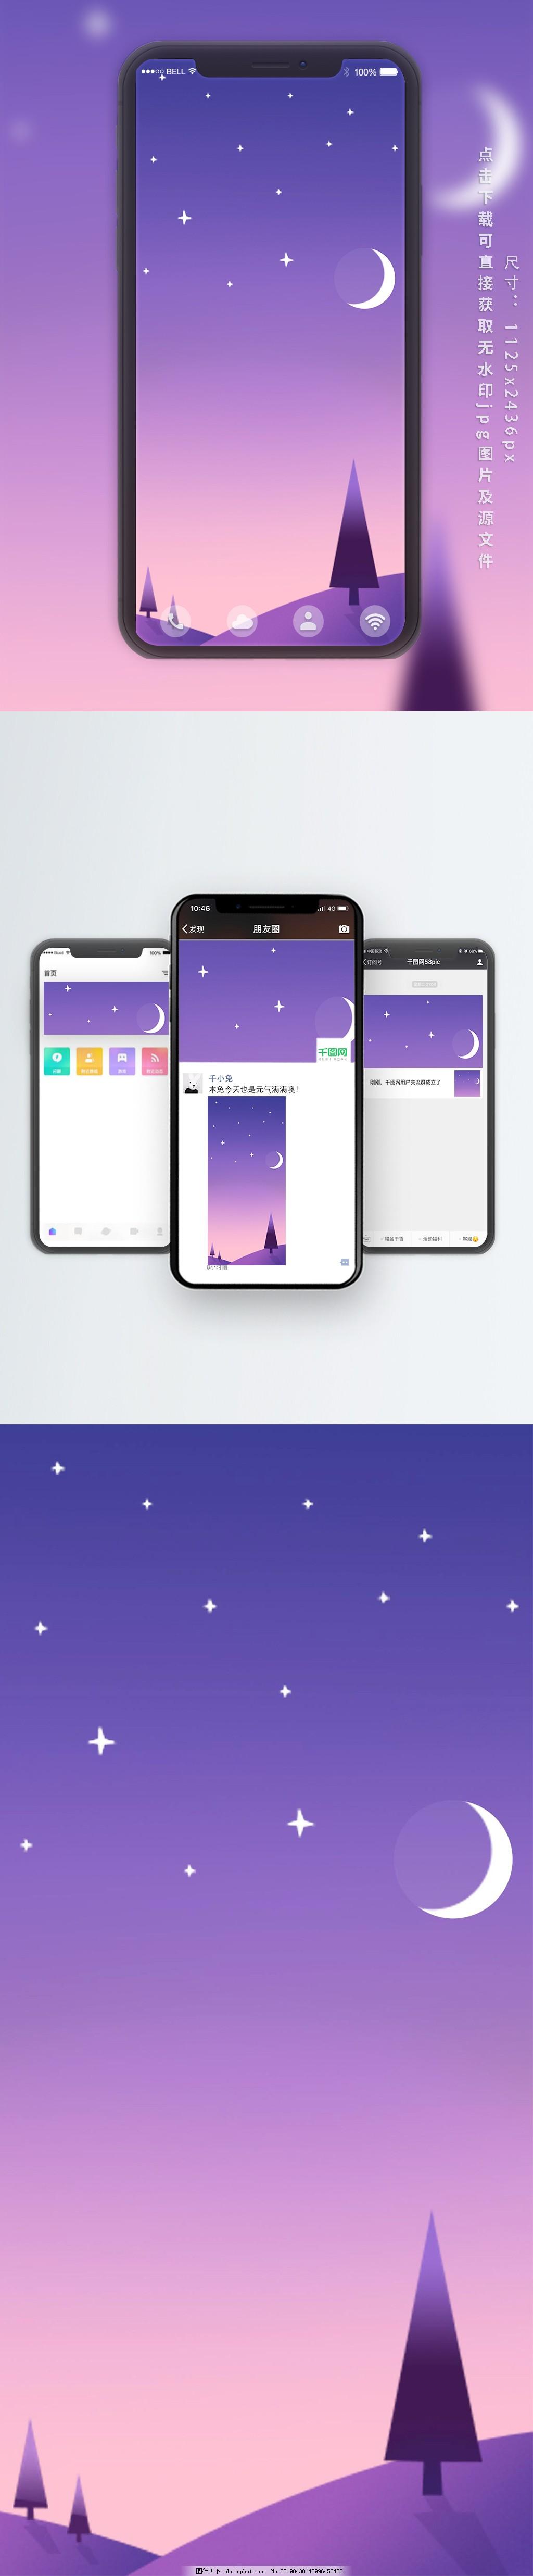 紫色星语手机壁纸图片 壁纸配图 壁纸配图 图行天下图库